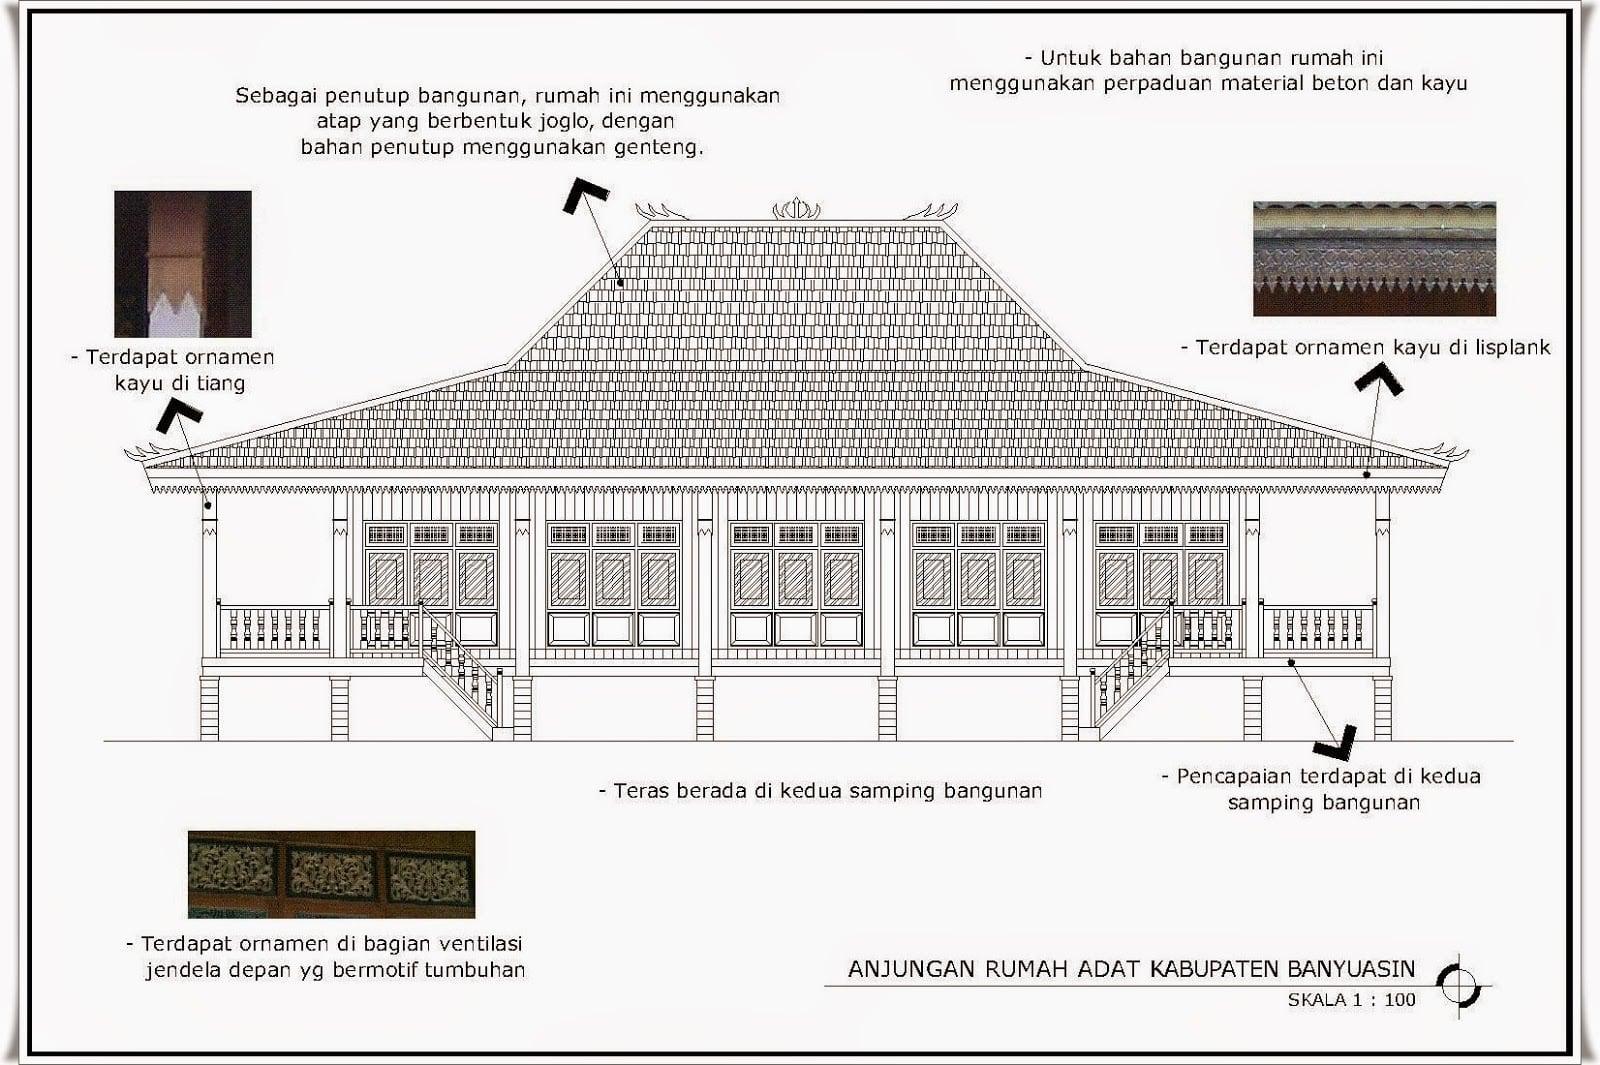 Mewah Desain Rumah Adat 29 Renovasi Inspirasi Interior Rumah oleh Desain Rumah Adat